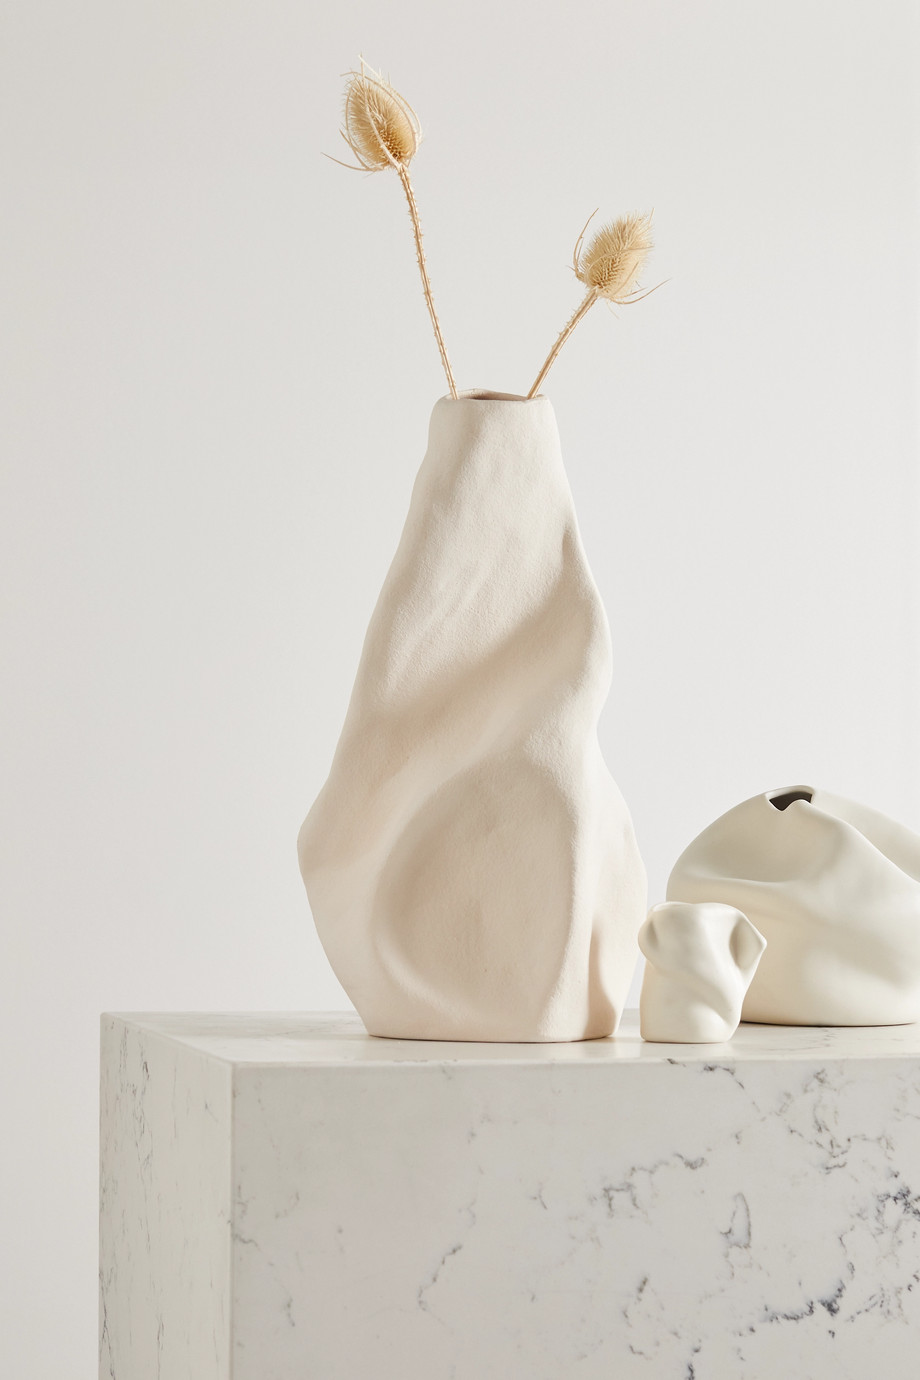 Completedworks Vase en céramique Giant Wake Large x Ekaterina Bazhenova Yamasaki